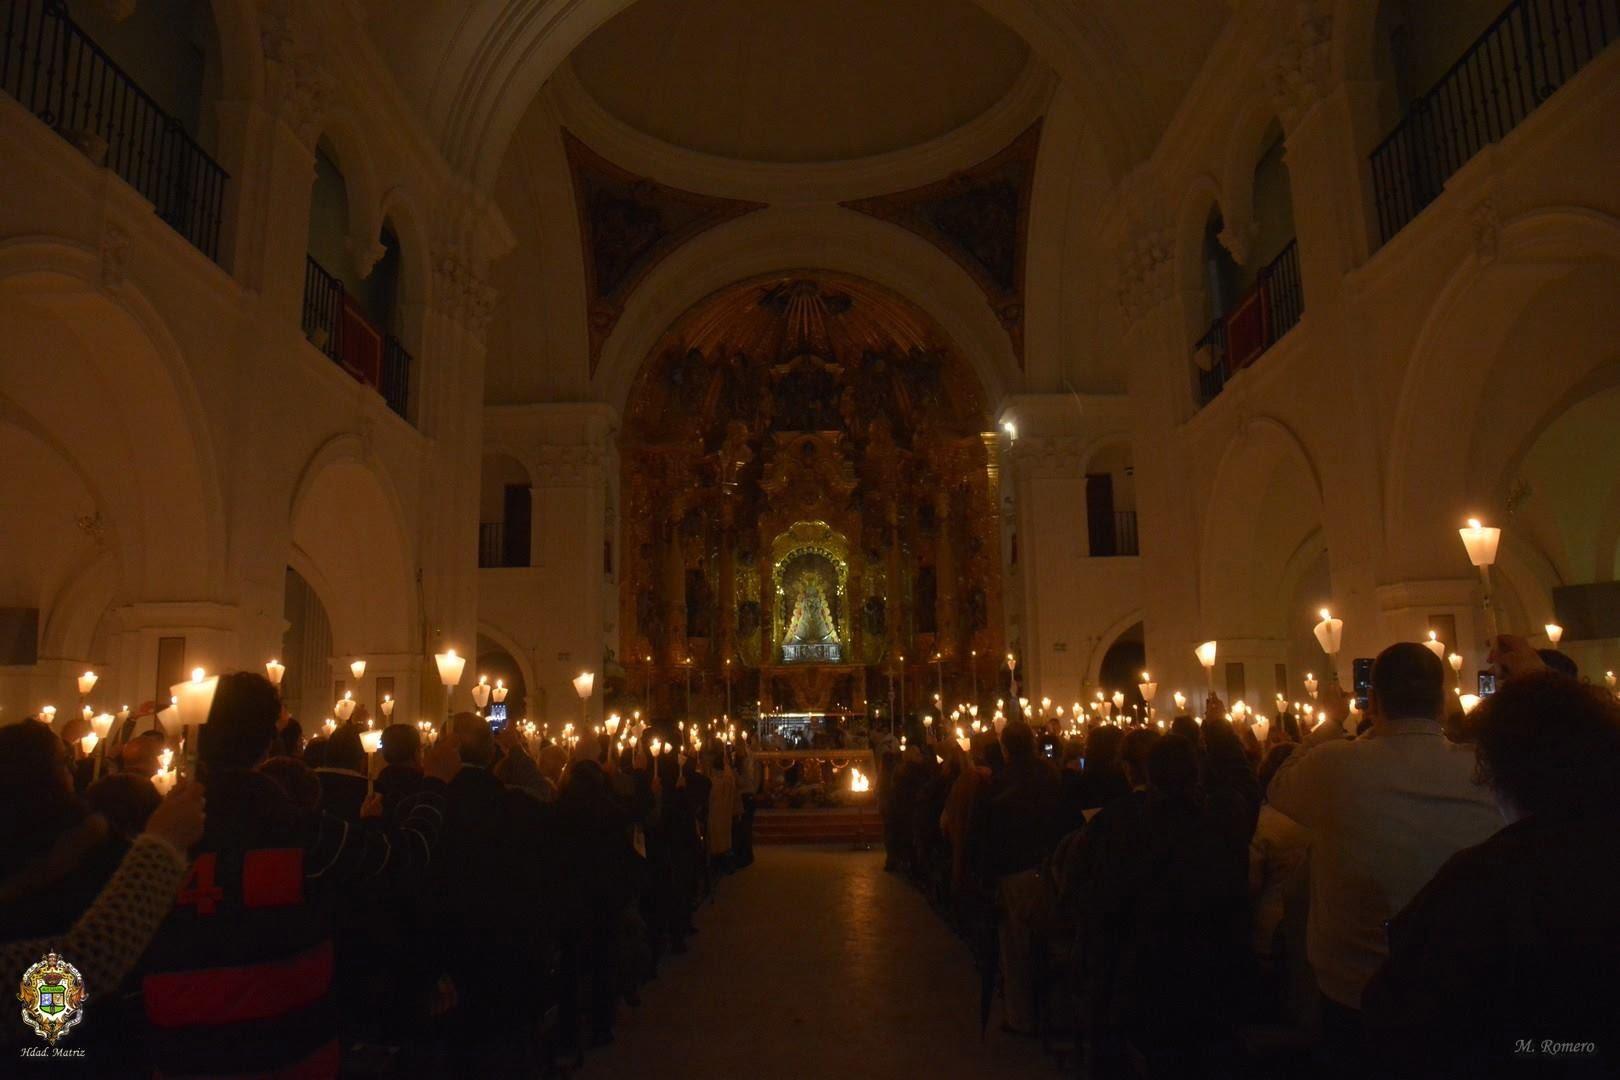 Aspecto del Santuario en la celebración de la vigilia eucarística-mariana.